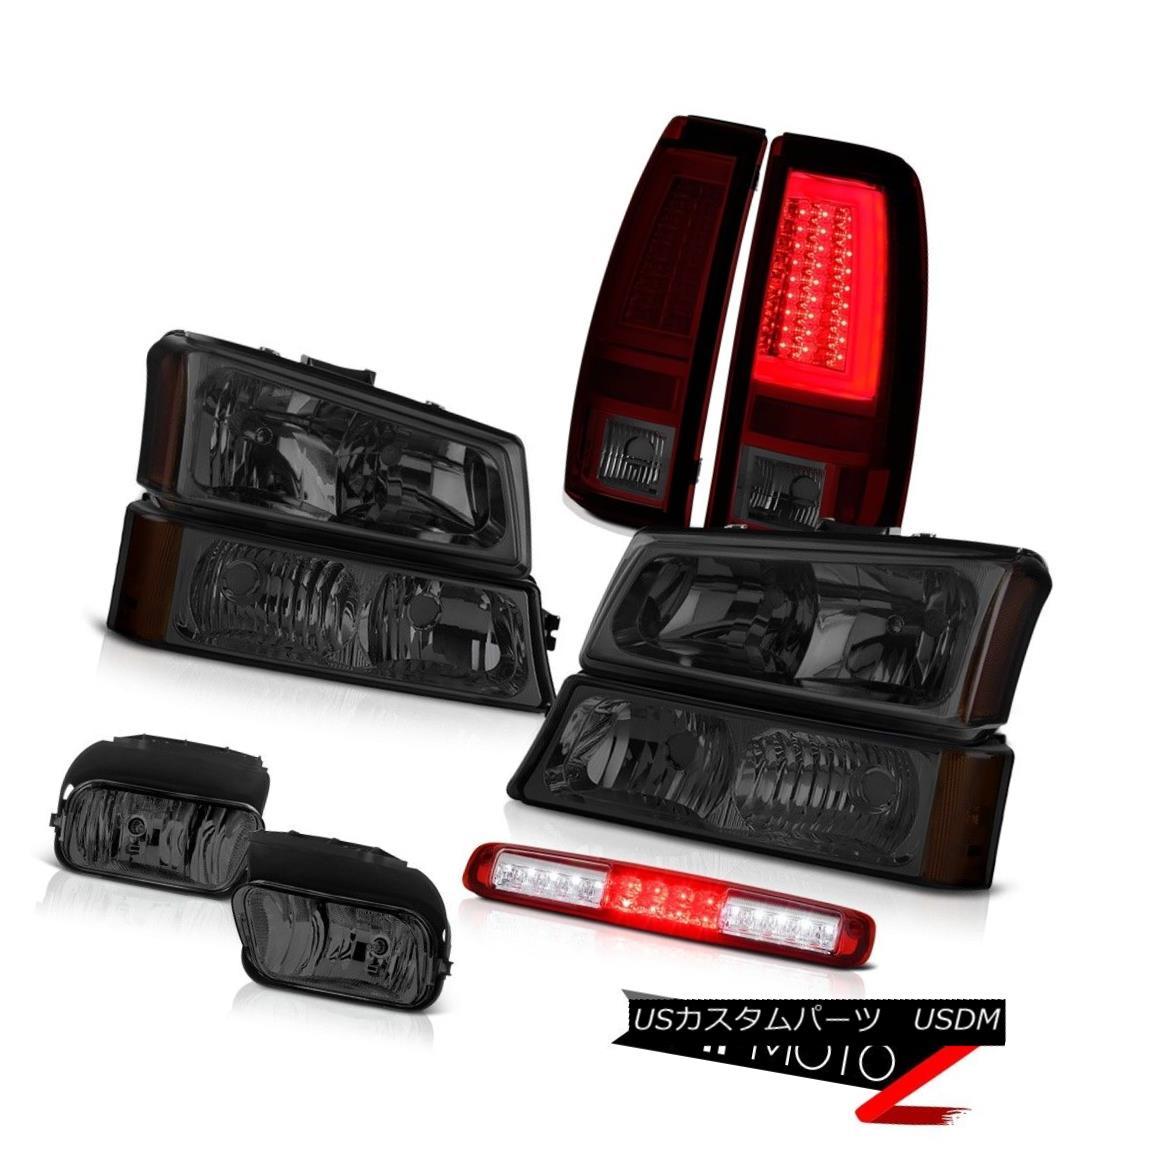 テールライト 03-06 Silverado Taillamps Foglamps Parking Lamp Roof Brake Headlights Tron Tube 03-06 Silverado TaillampsフォグランプパーキングランプルーフブレーキヘッドライトTron Tube